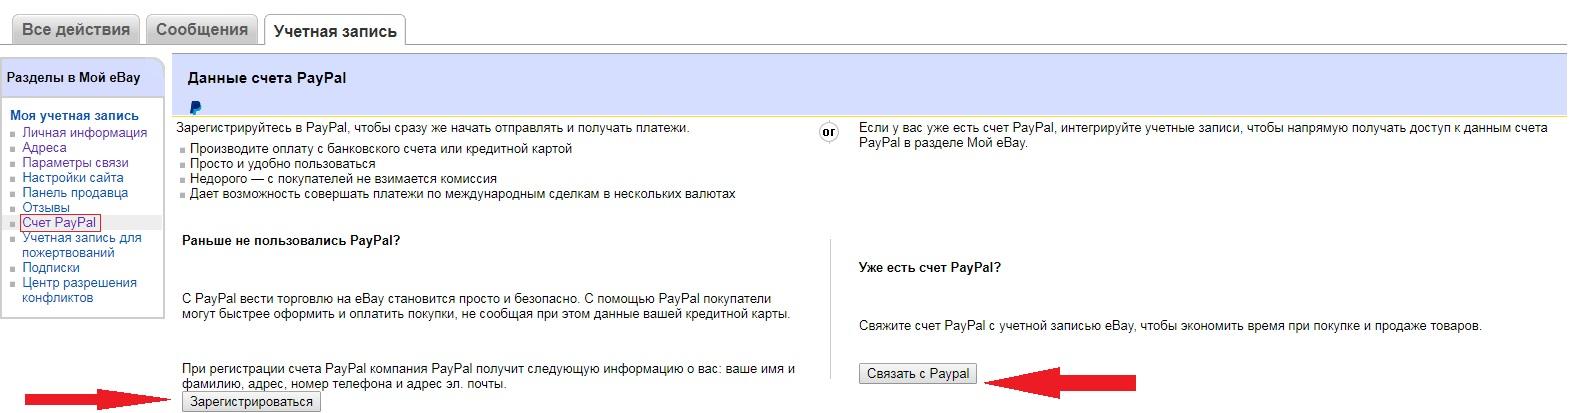 Привязка аккаунта PayPal к eBay